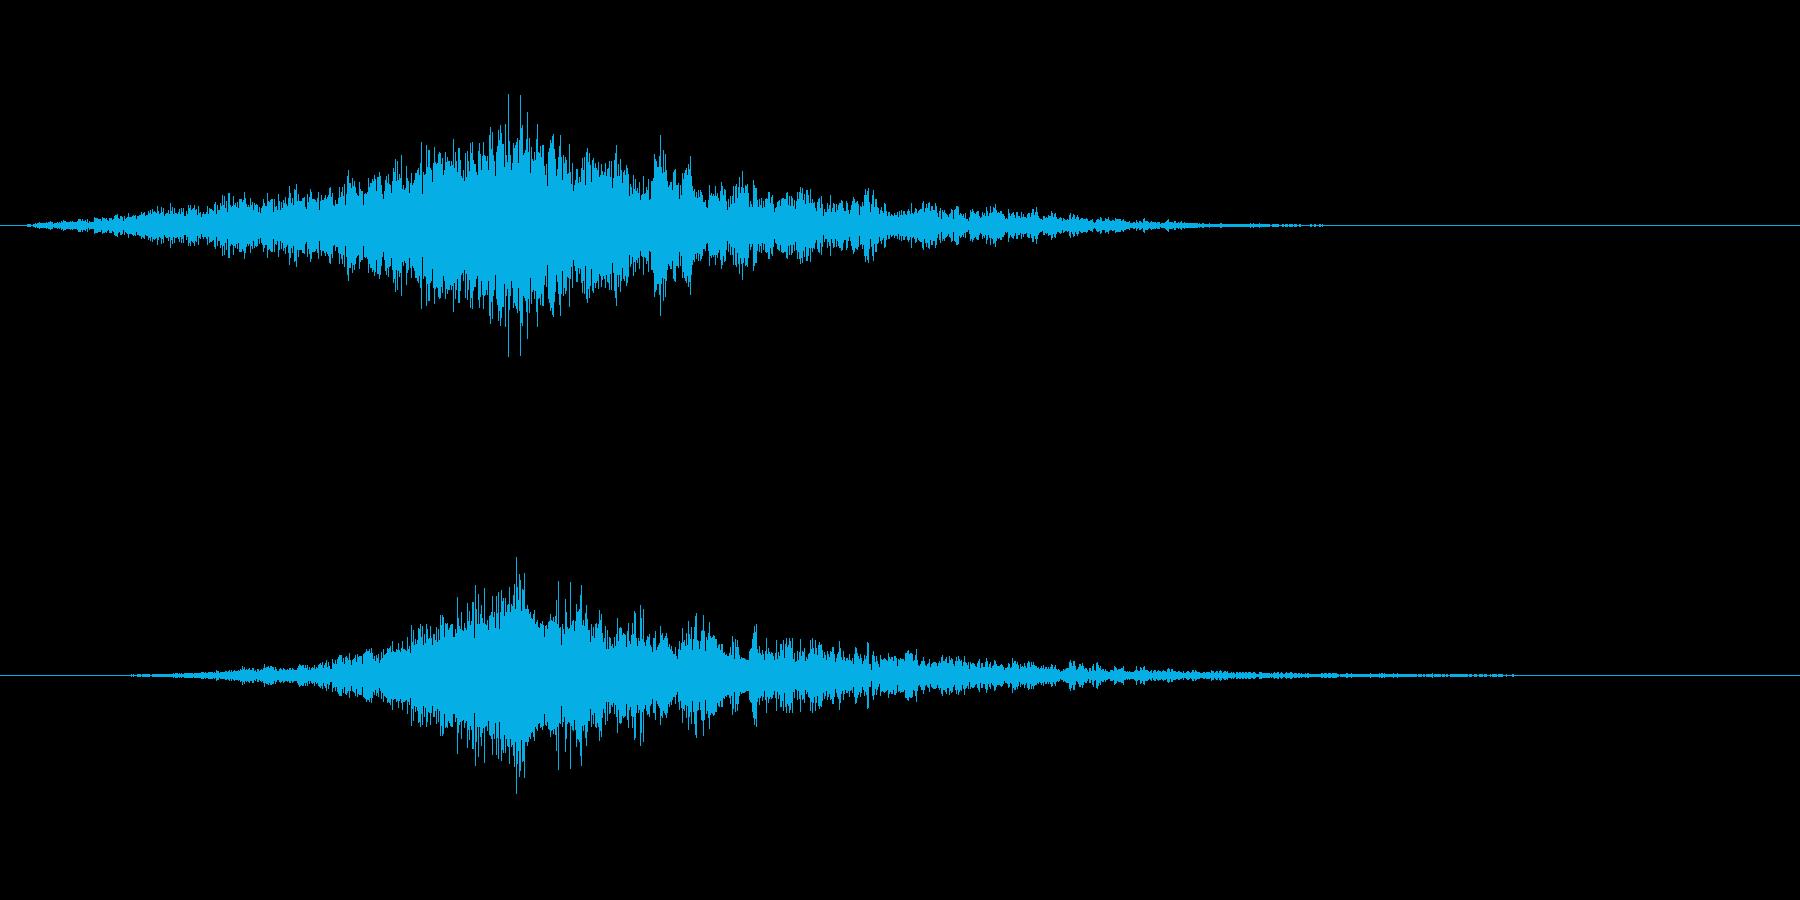 映画でよくあるライズヒットサウンドロゴ4の再生済みの波形